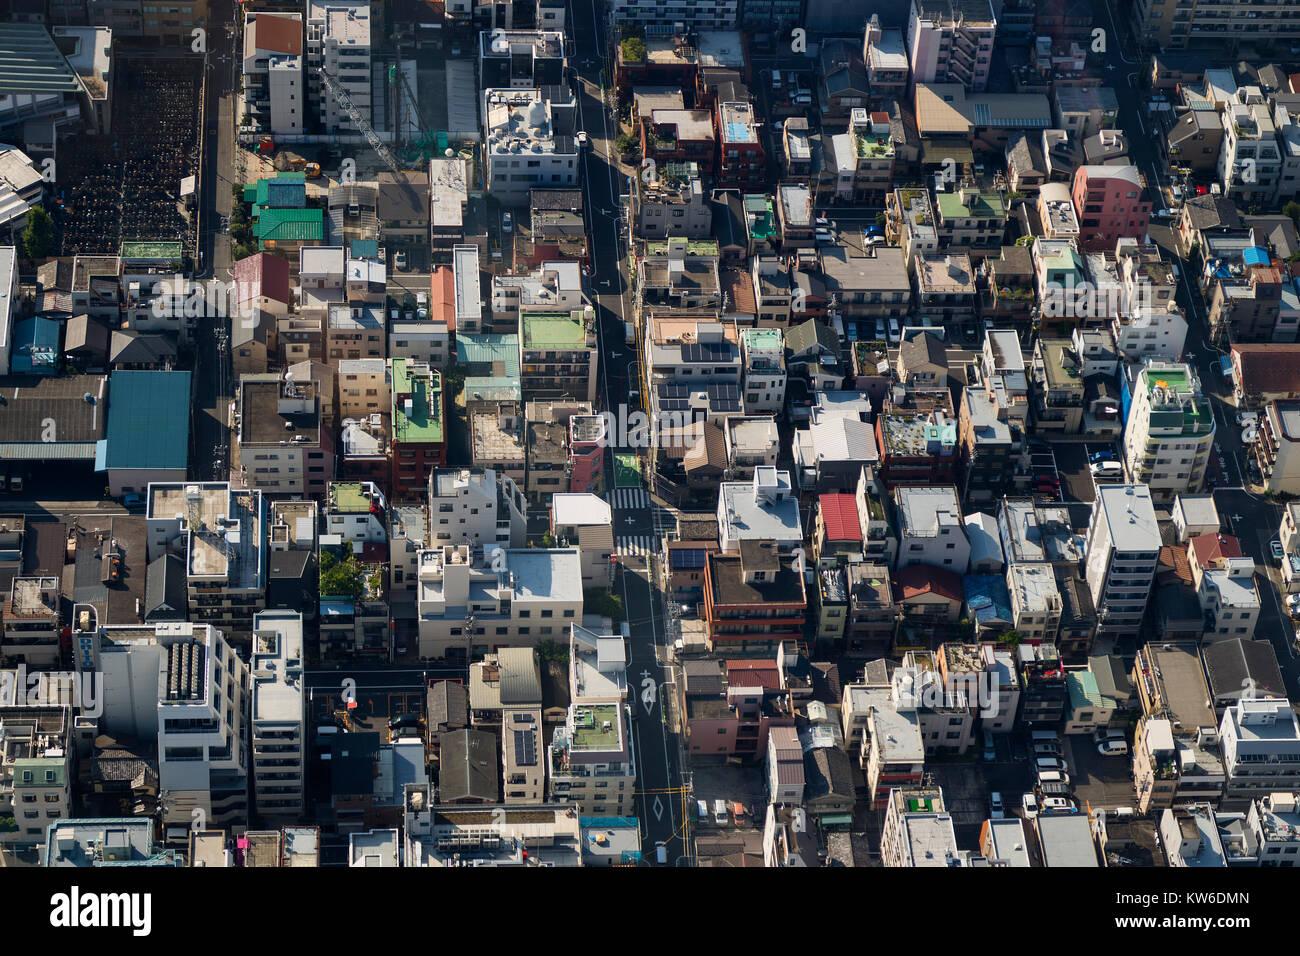 Tokio - Japón, 19 de junio de 2017: Vista aérea de Tokio visto desde la torre Sky Tree Imagen De Stock